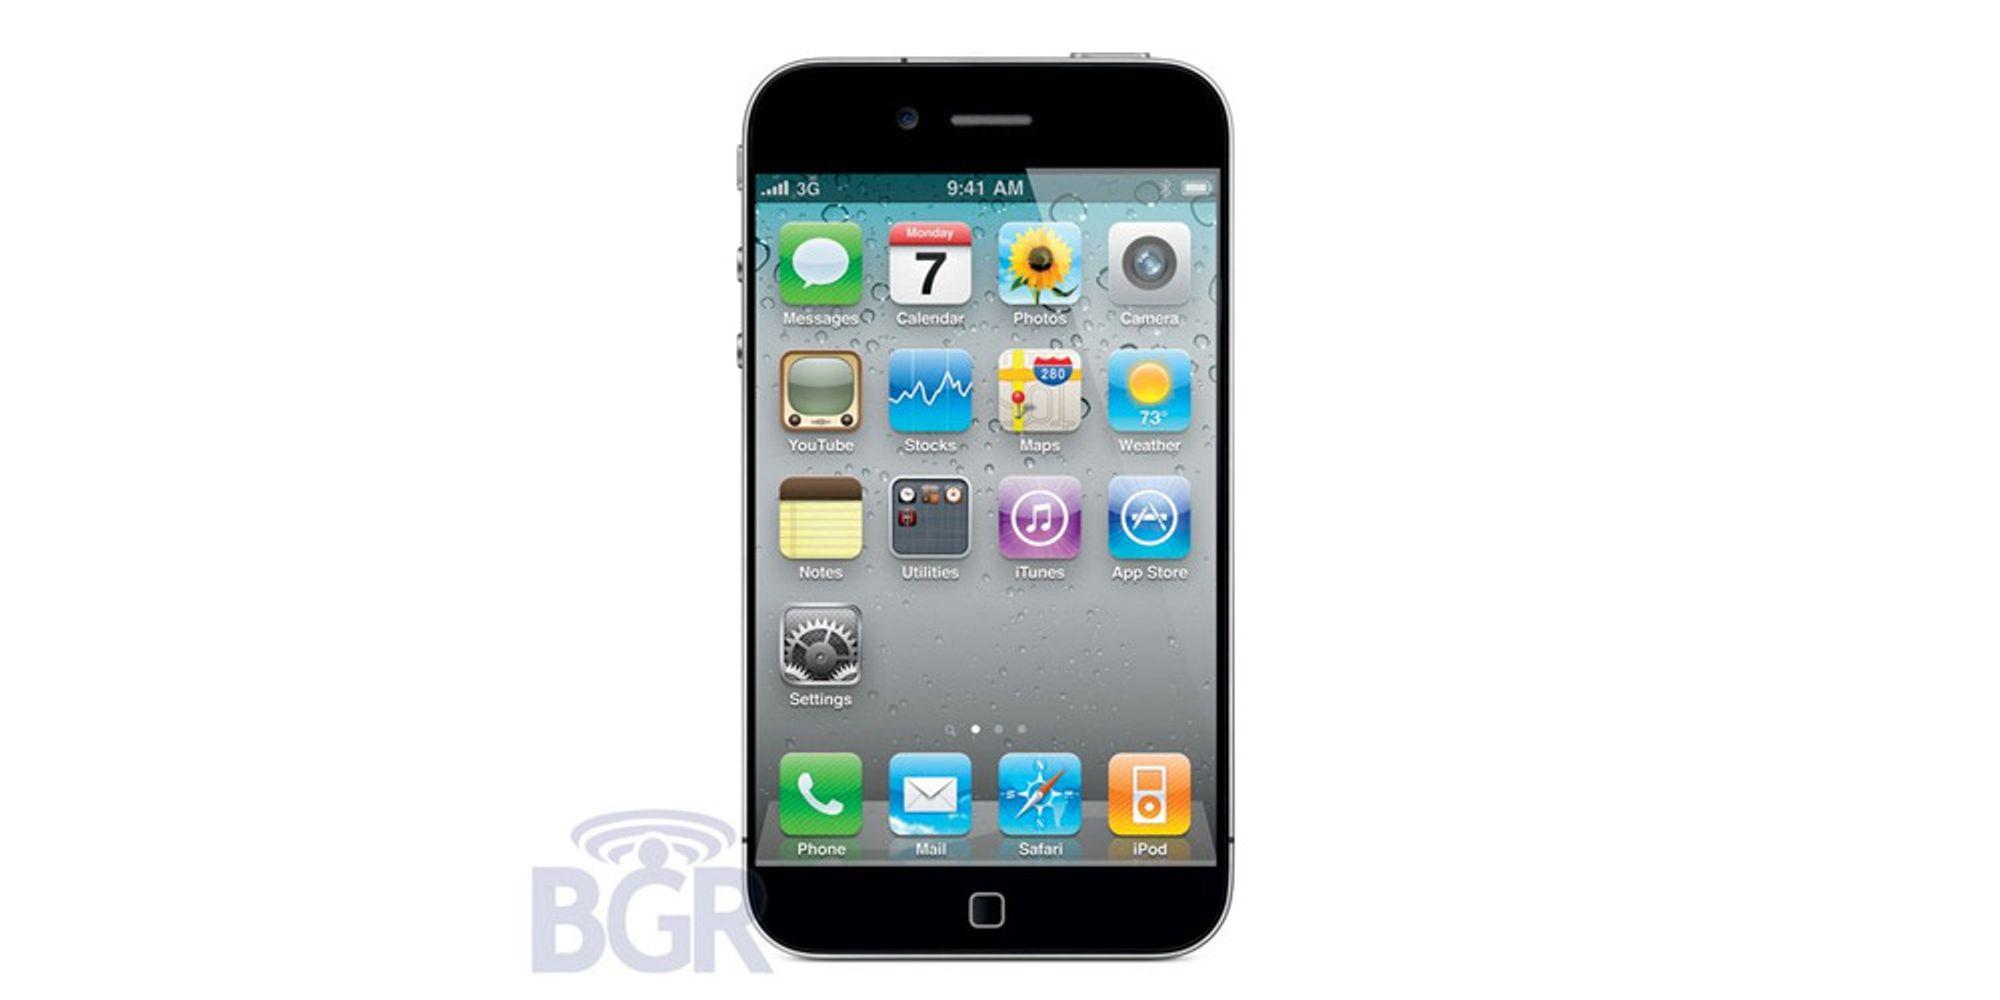 Lavpris-iPhone på vei